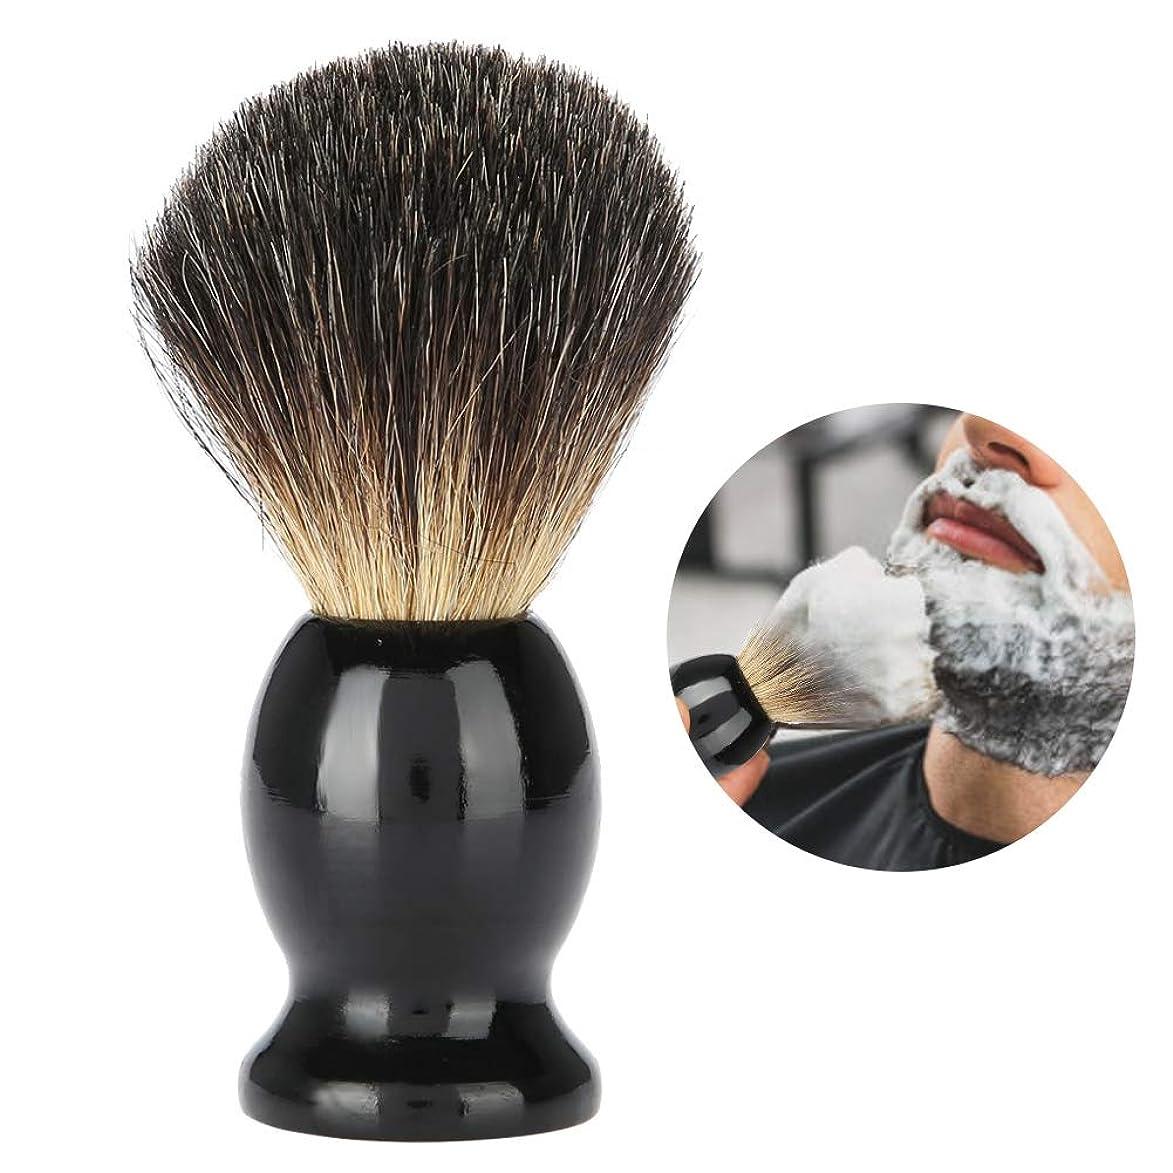 一般化する支援するタービンYuyteポータブル男性ウッドハンドル髭剃りブラシ理髪店サロンツール